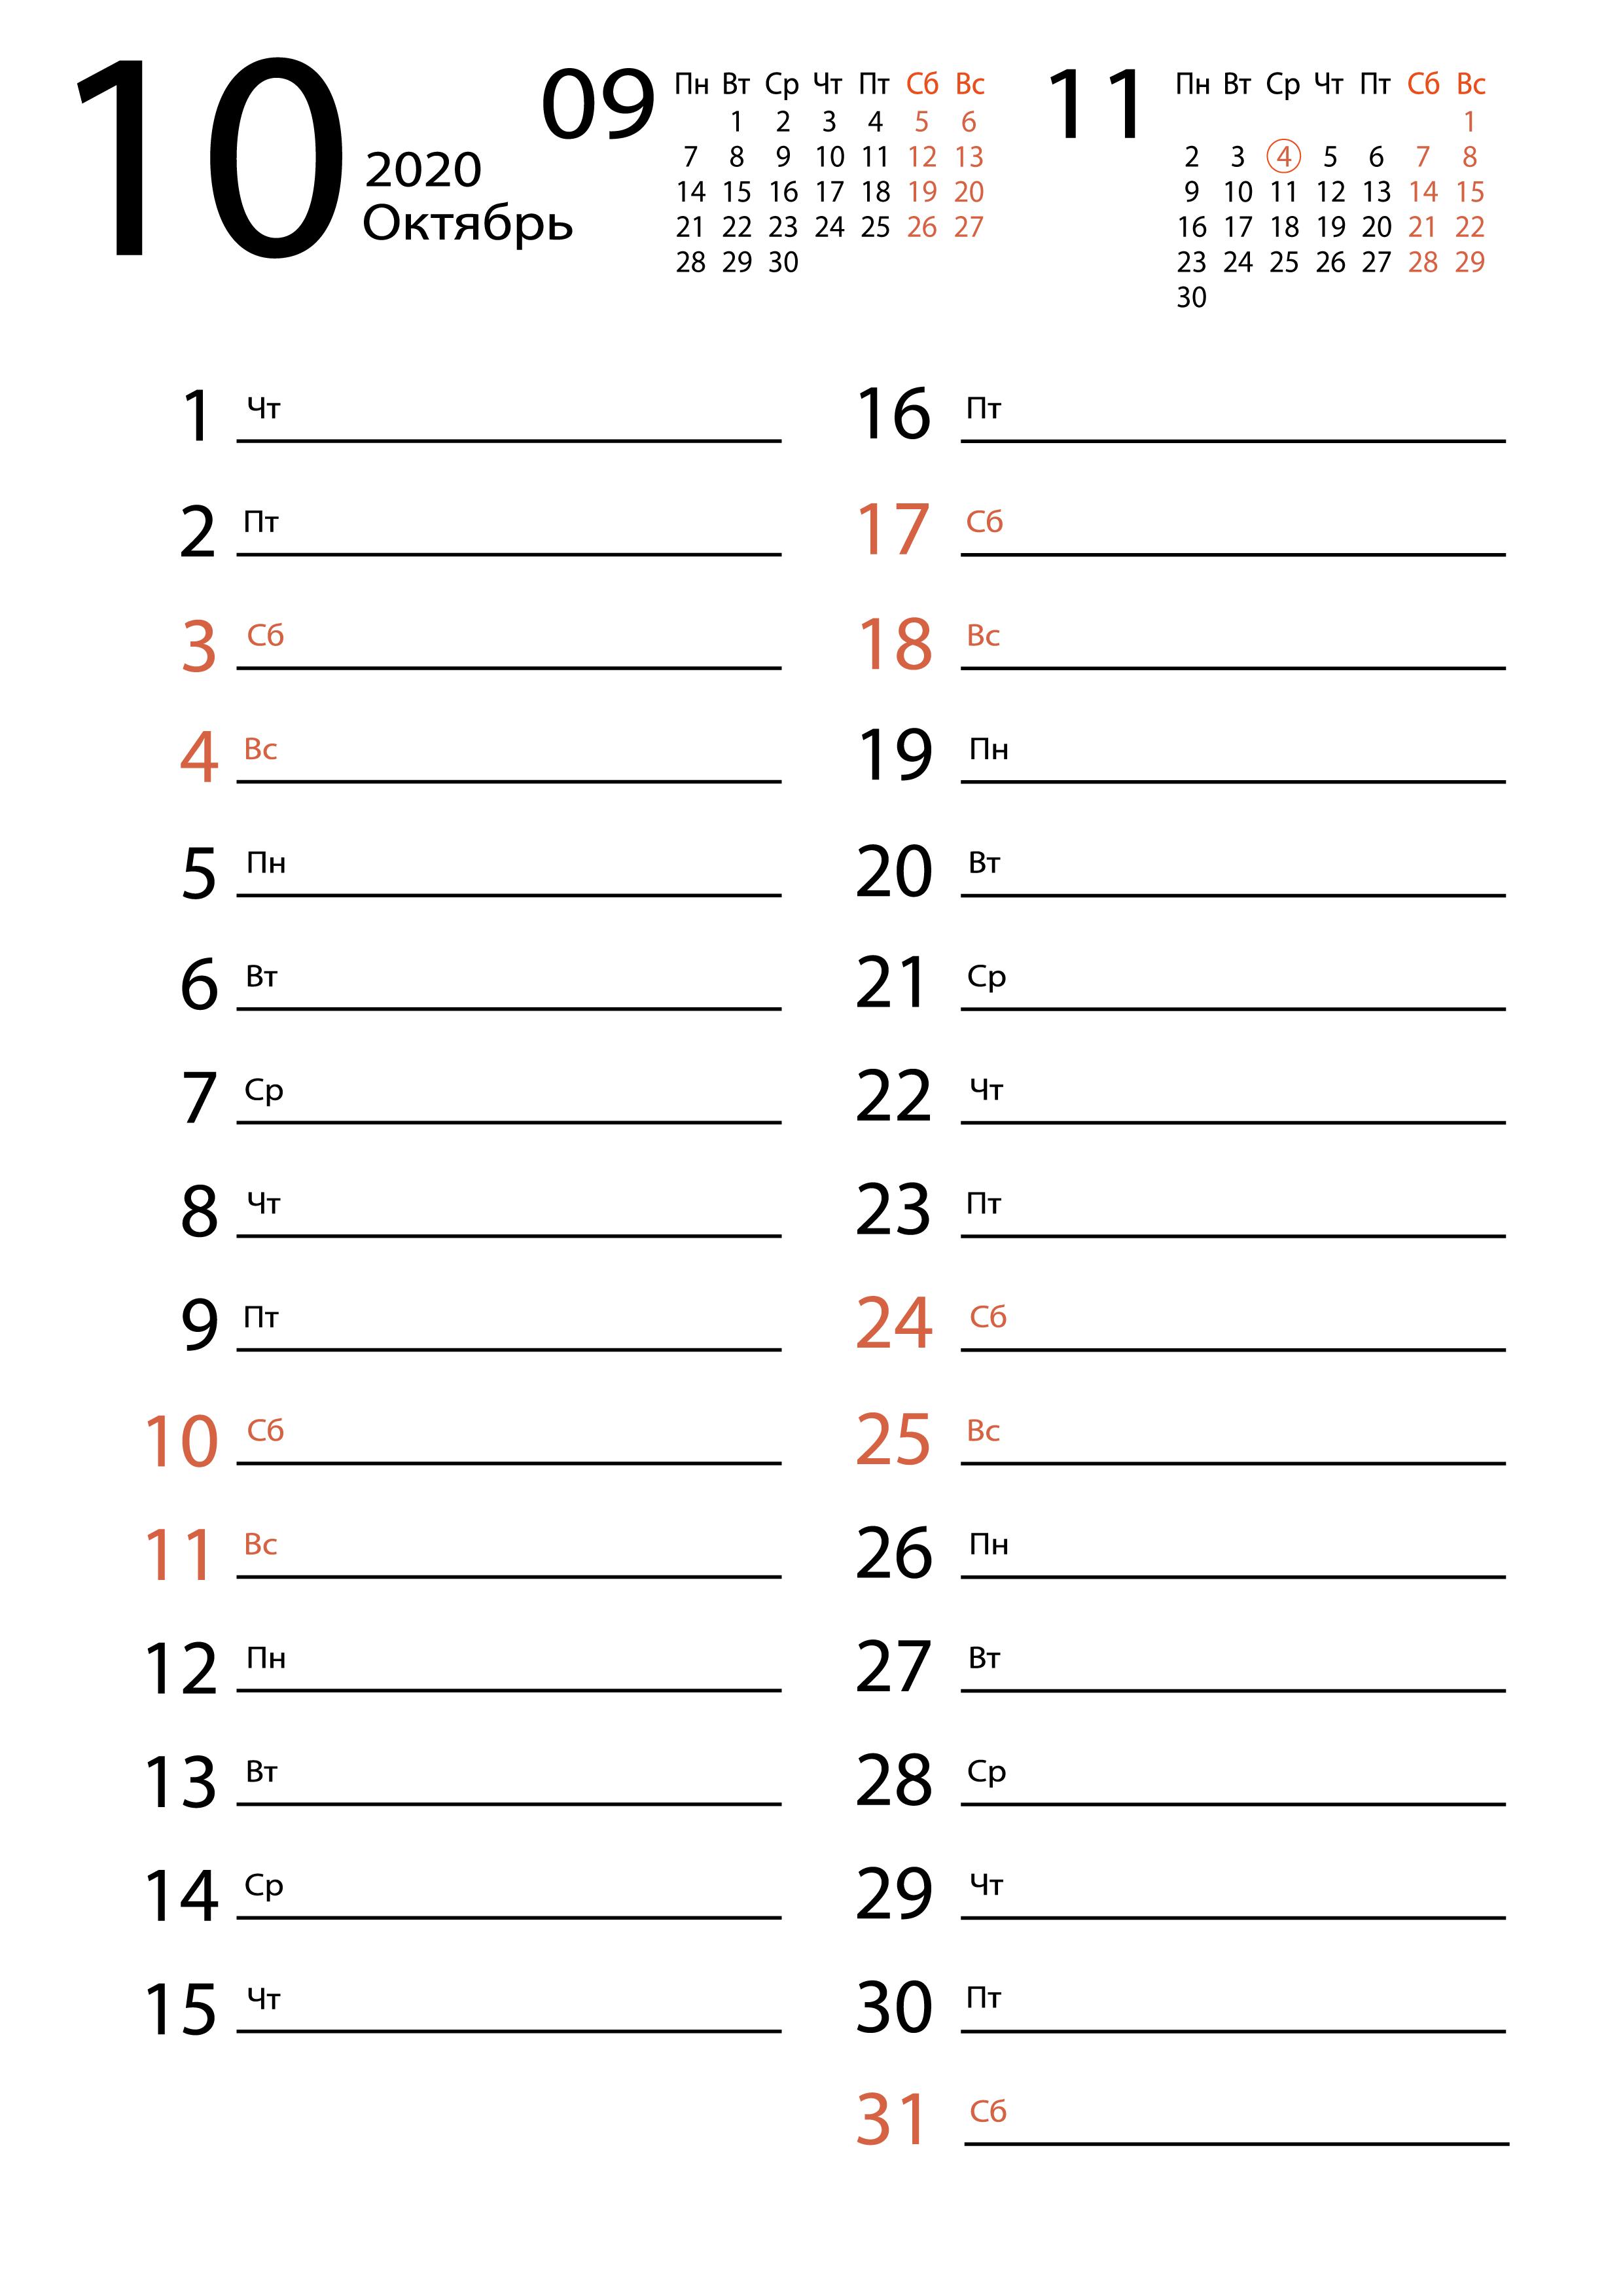 Октябрь 2020 - Календарь для заметок